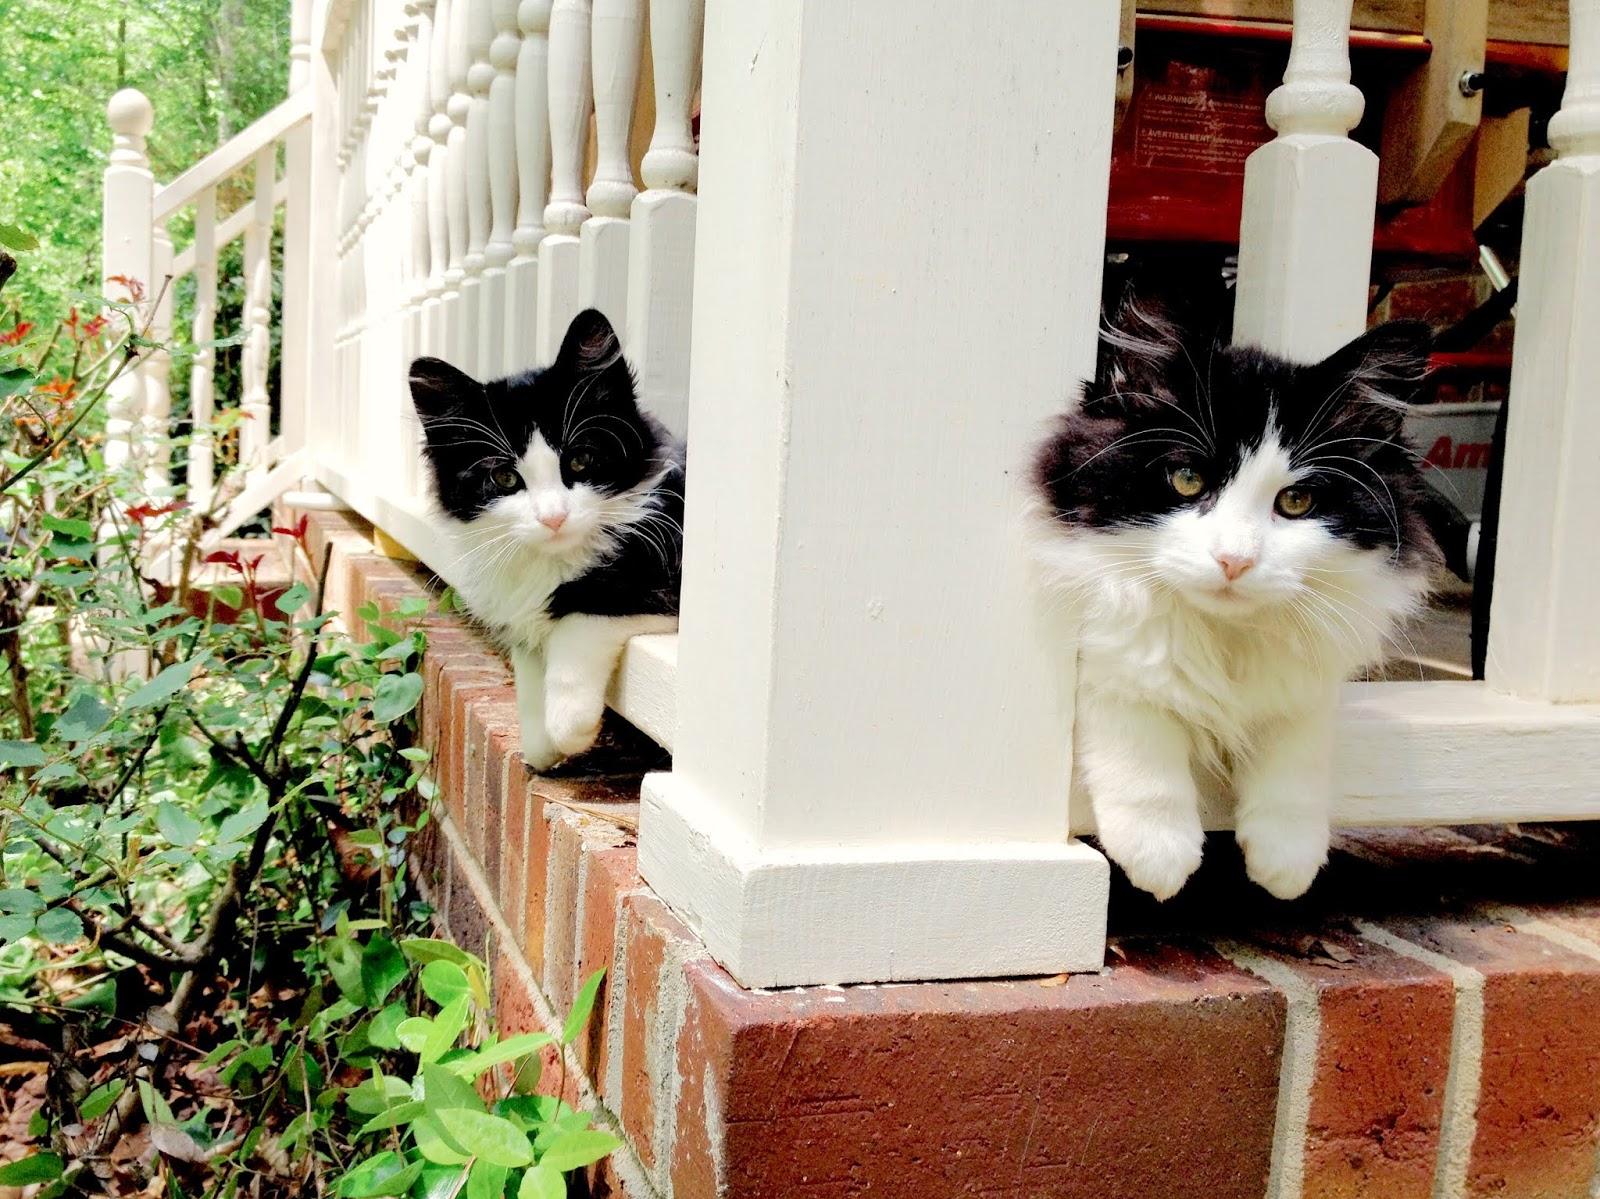 Get Catster in Your Inbox!